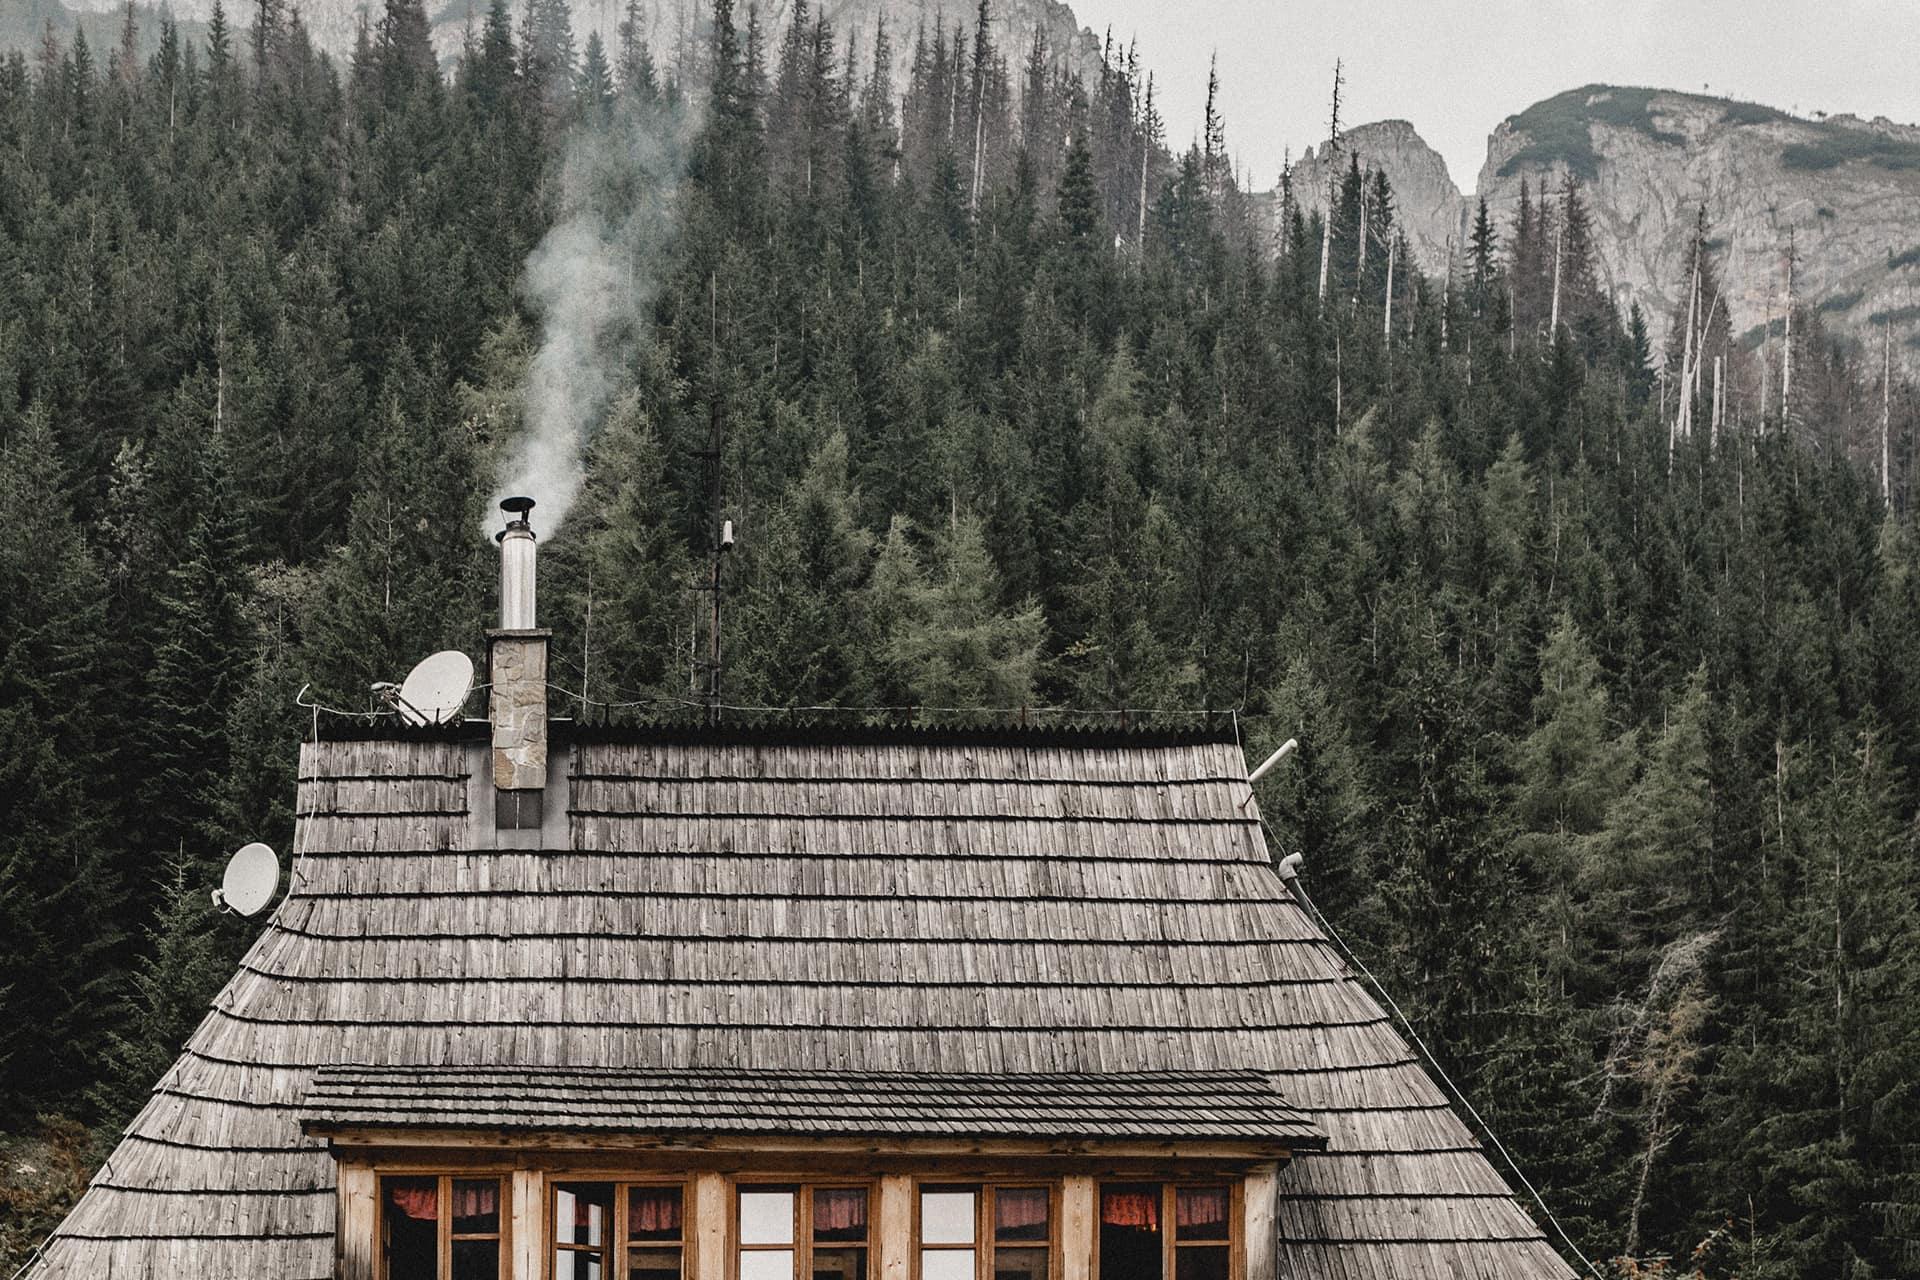 Kaminholz Breuer | Feinstaub | Schornstein mit Rauch